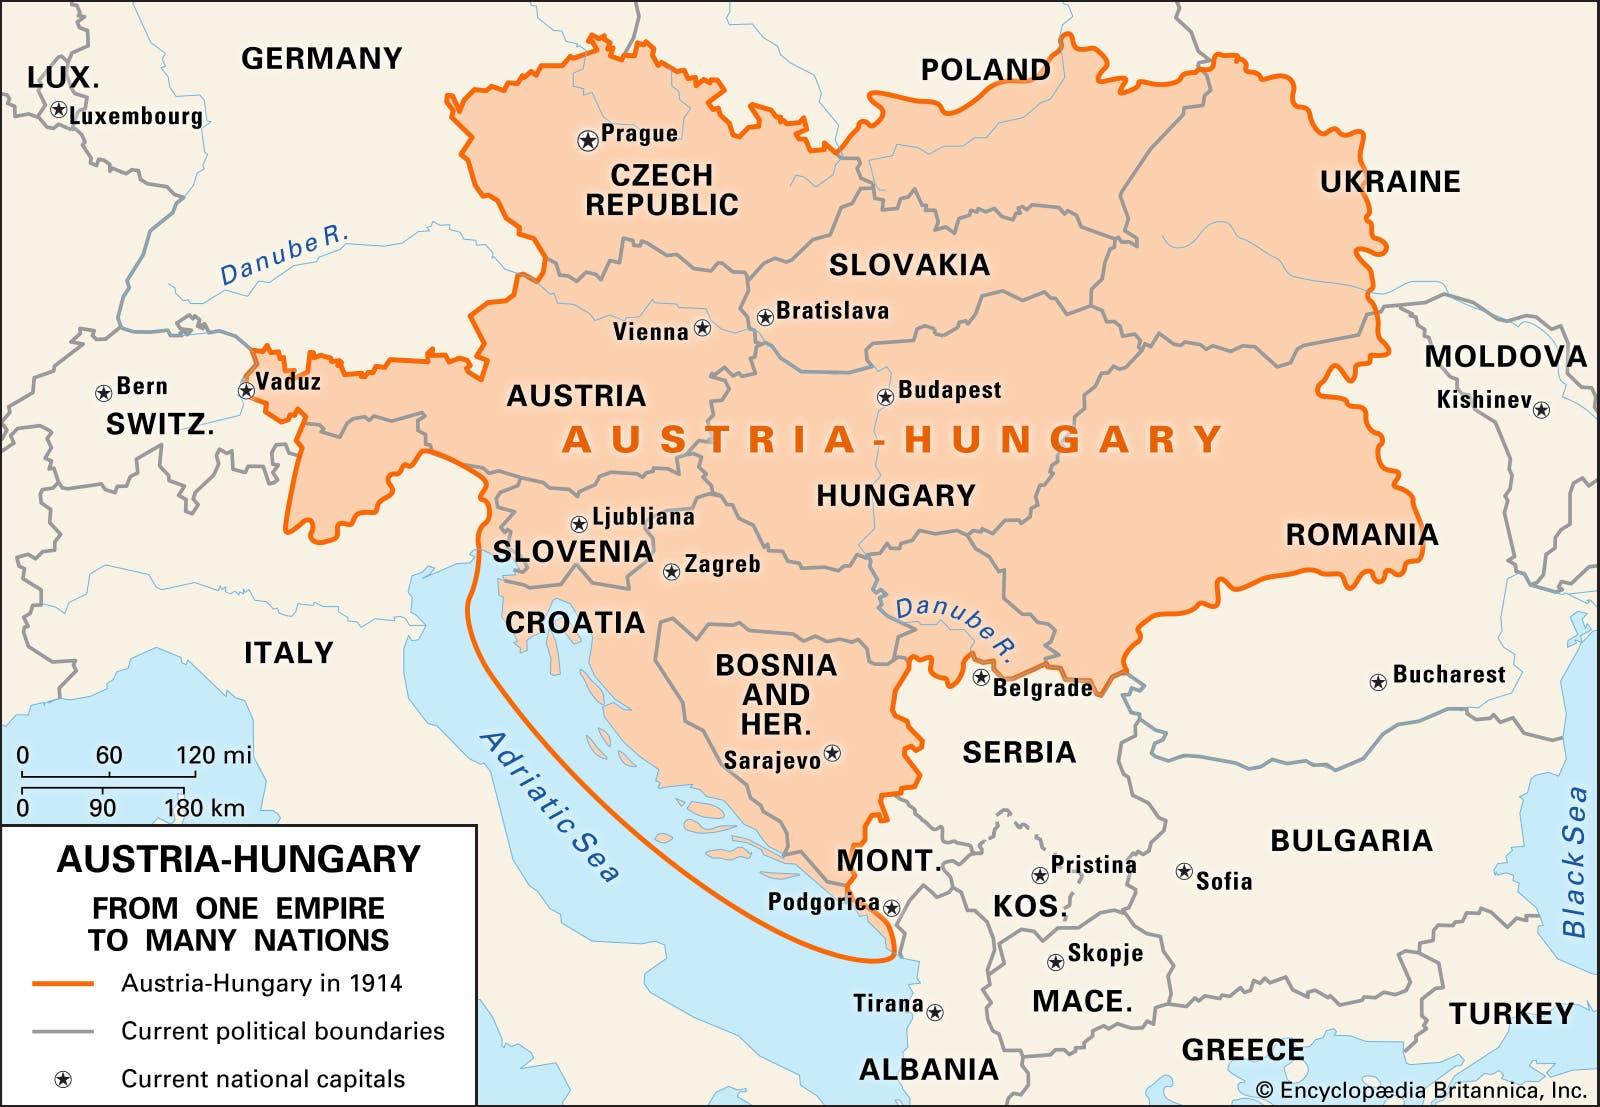 خريطة تبرز تقسيم النمسا المجر بعد الحرب